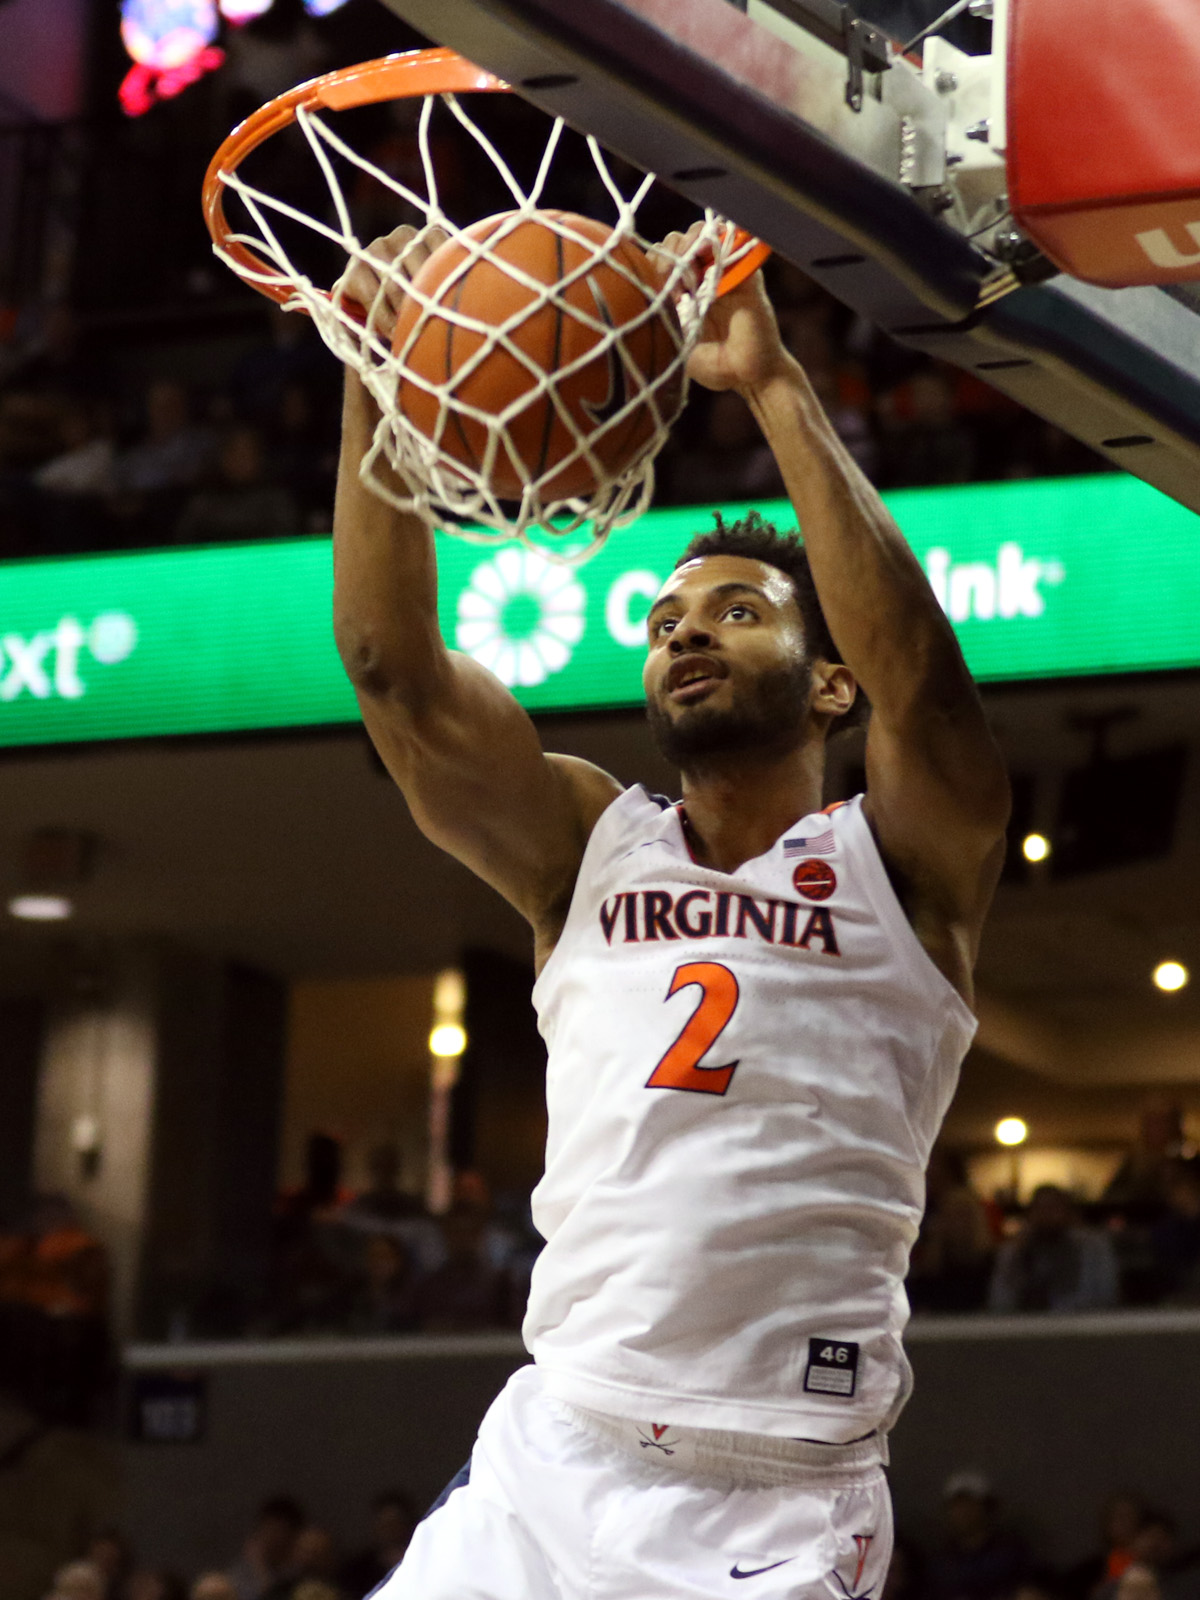 Virginia is 26-2 on the season.